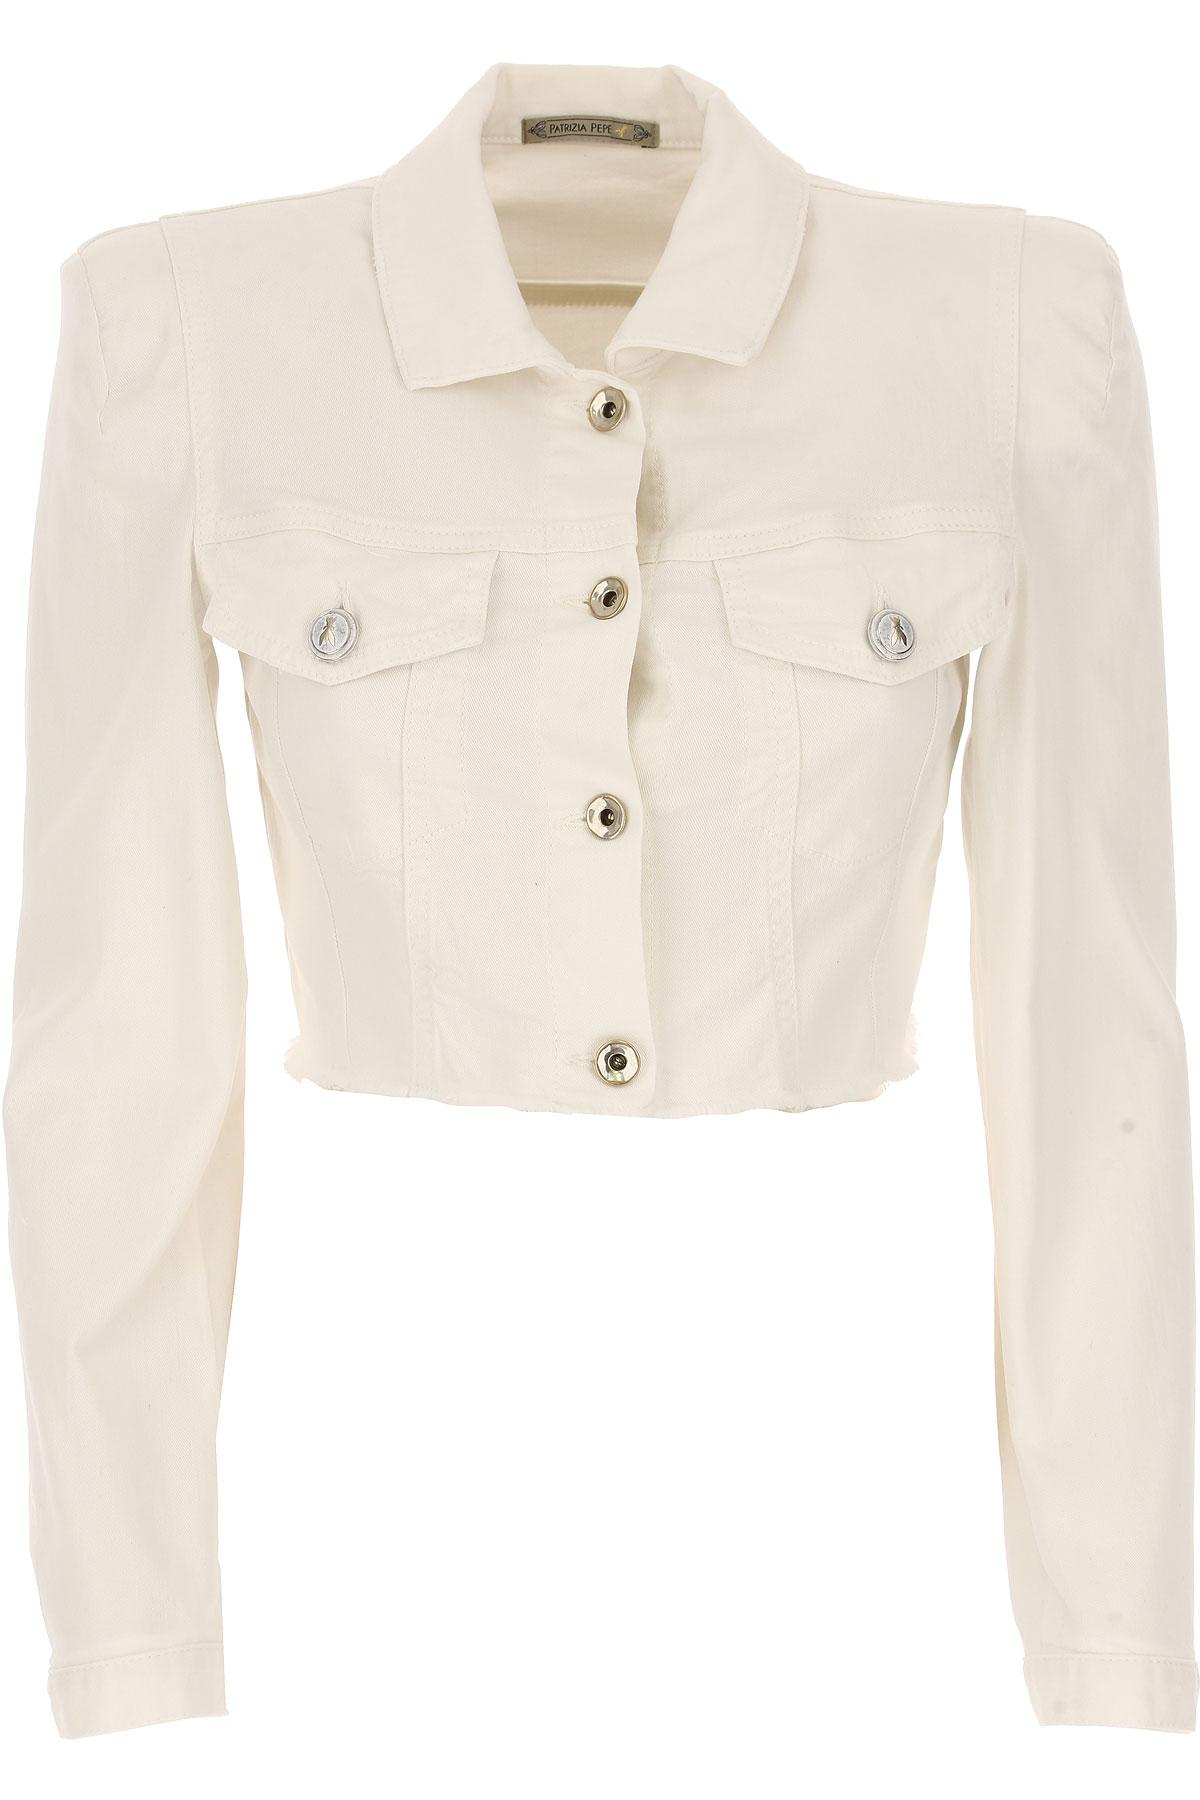 2b7e47d2898f1f Patrizia Pepe Jacket for Women